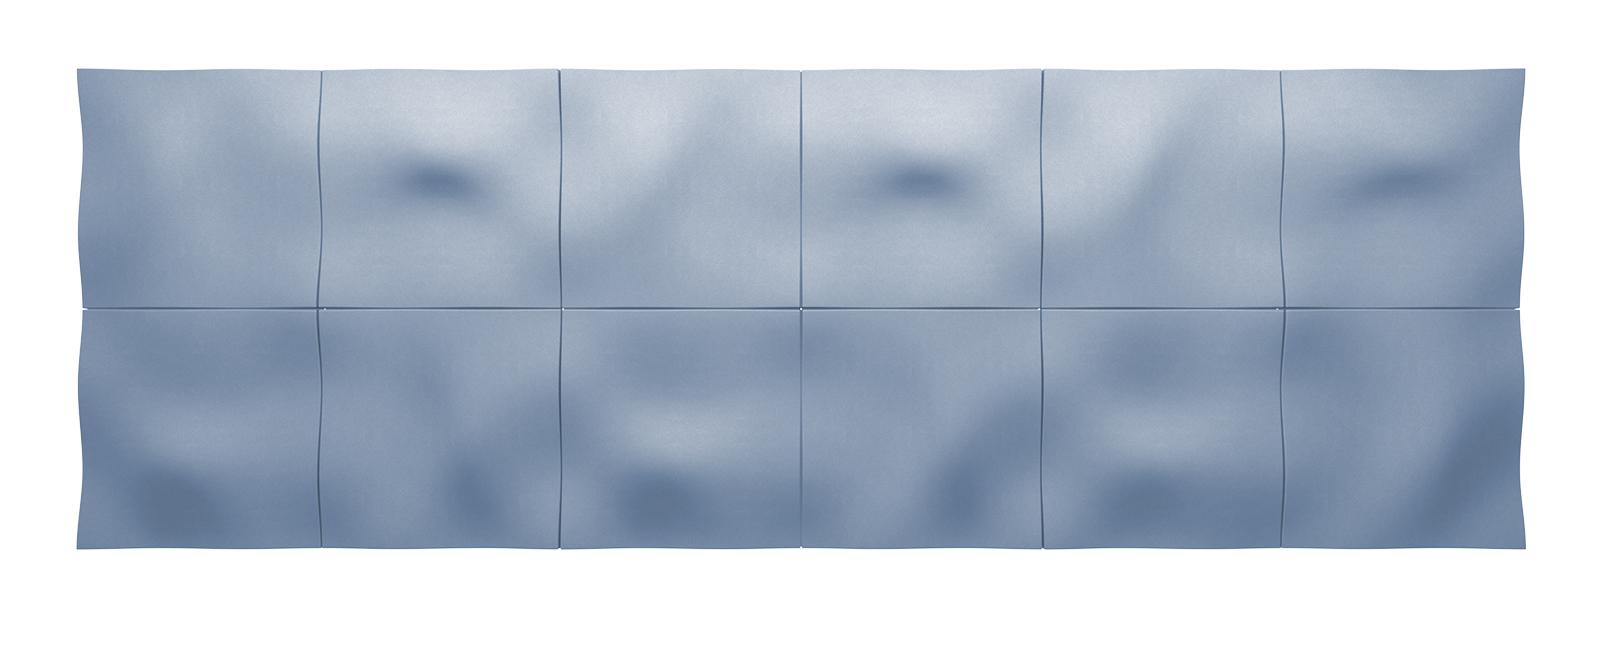 Autex Quietspace 3D Tiles S-5.26 | Porcelain